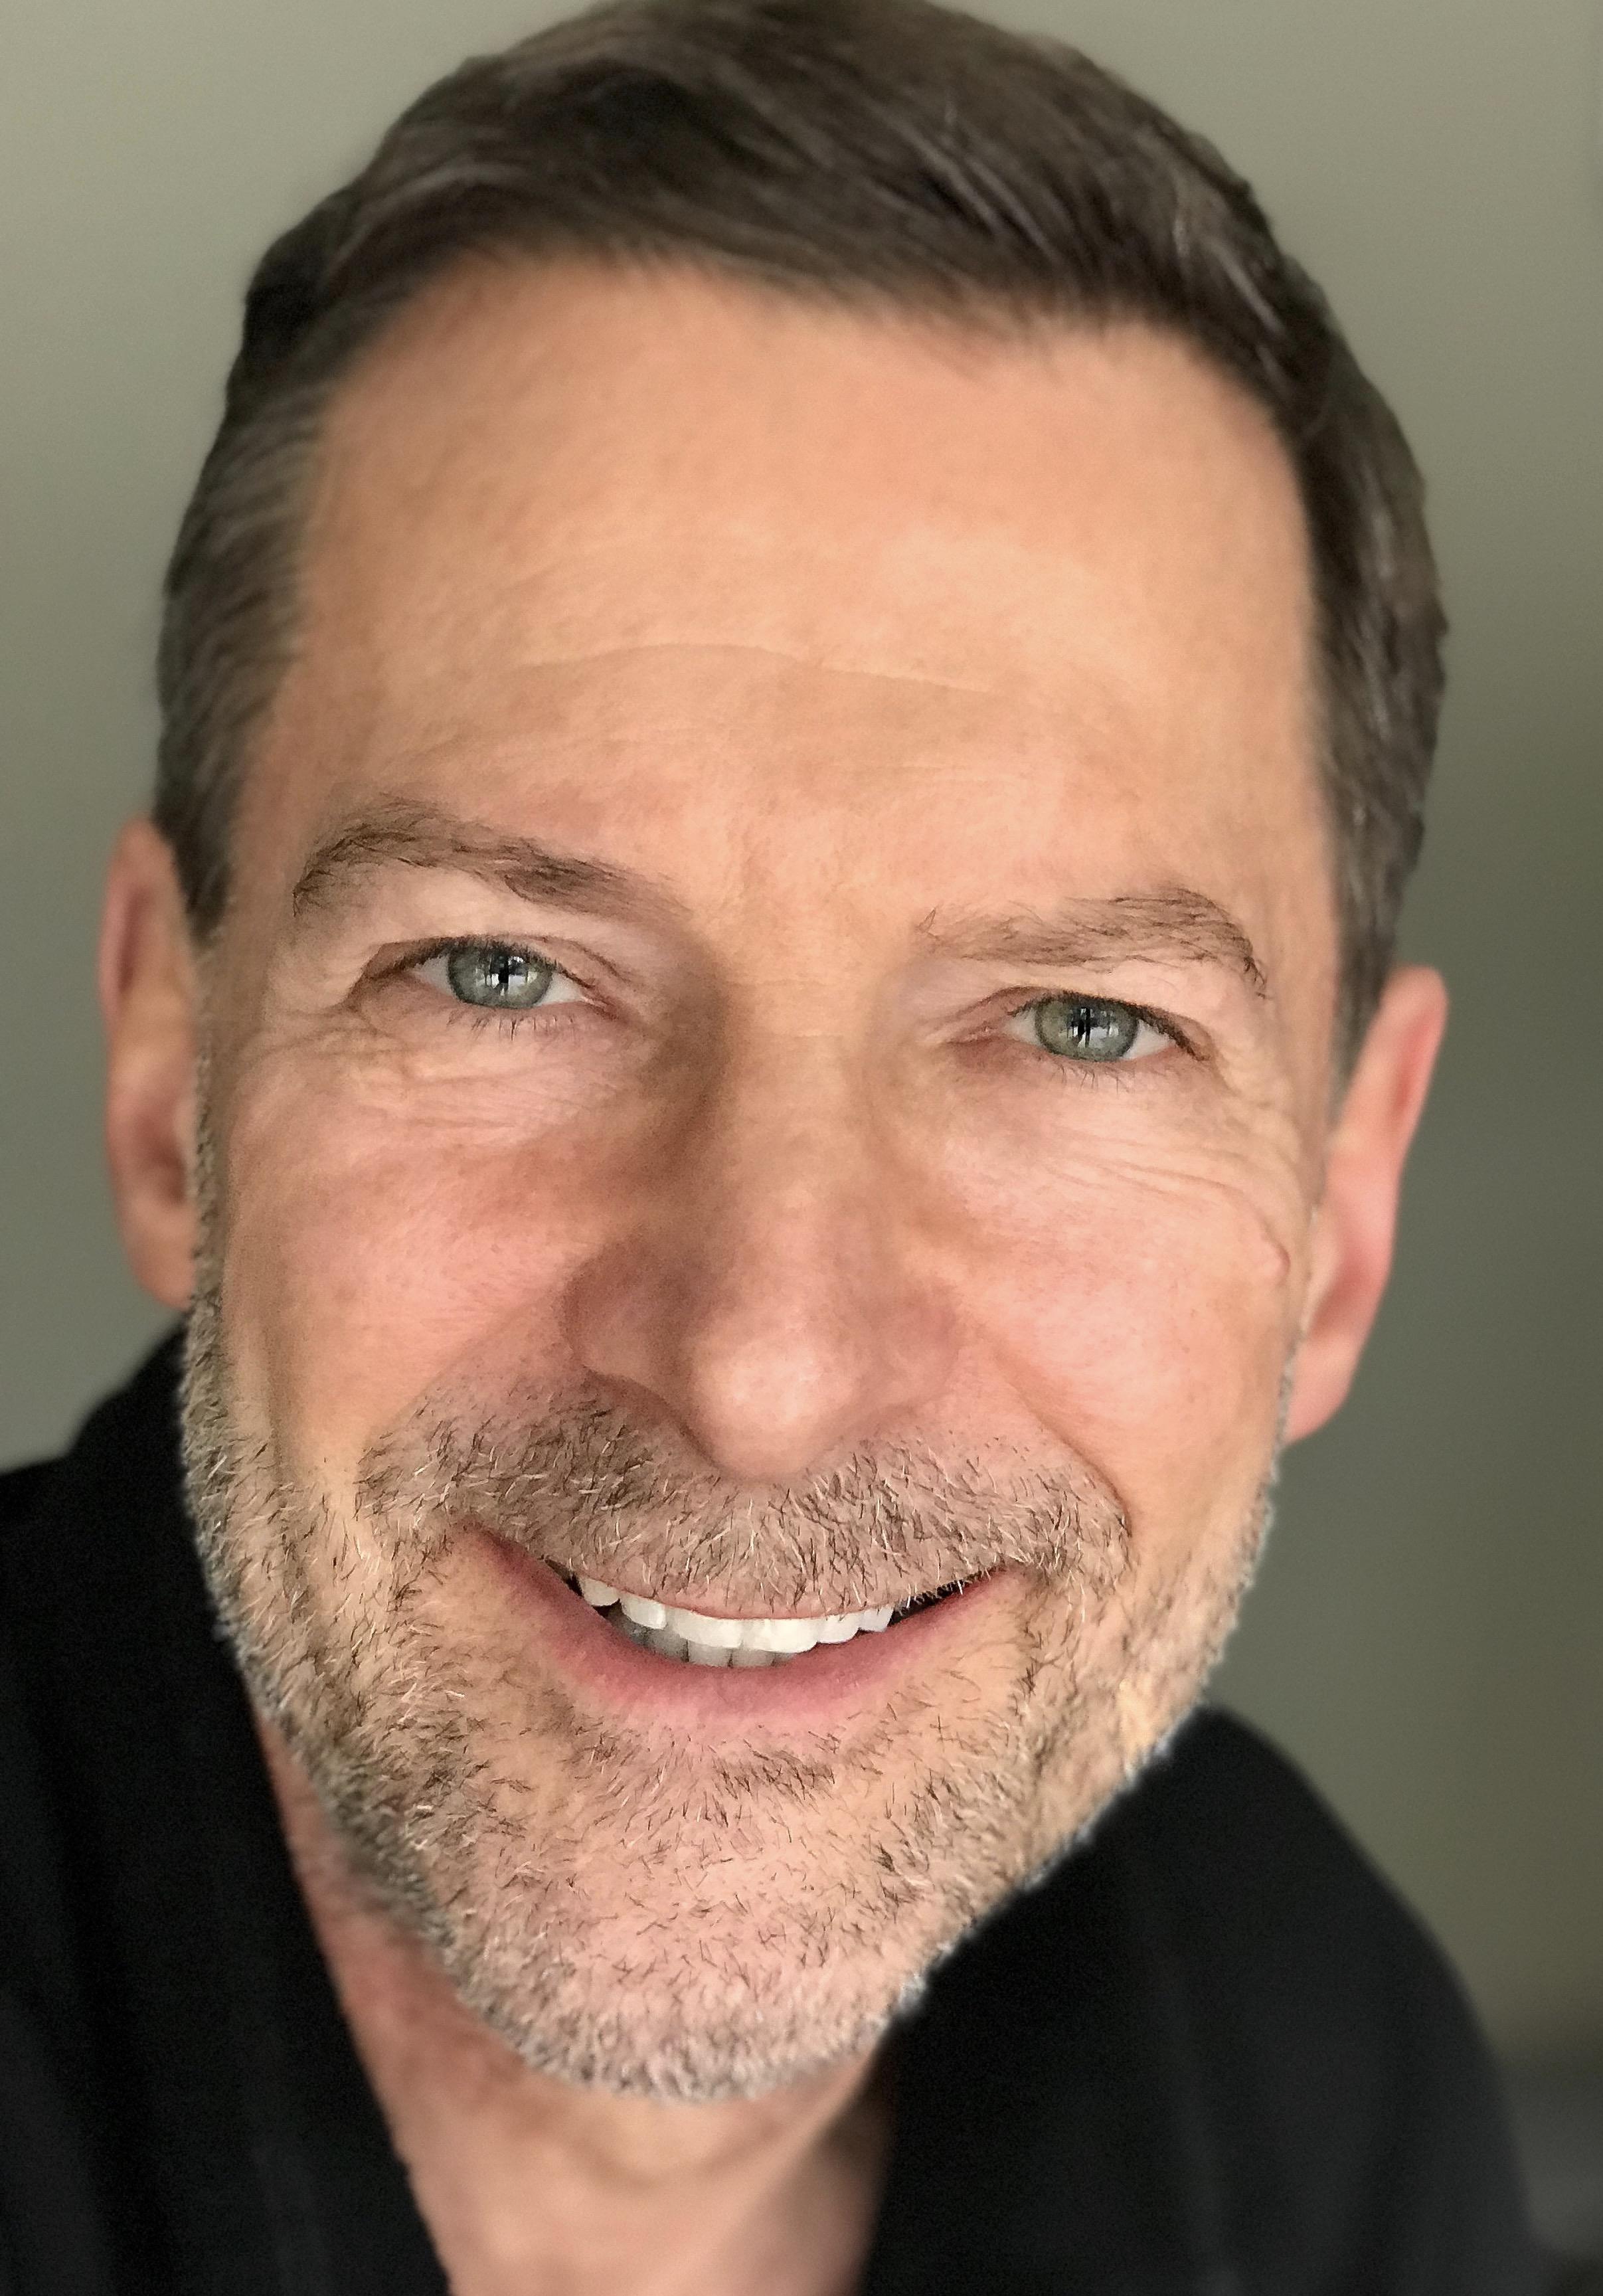 Mark F. Model + Actor + Spokesperson